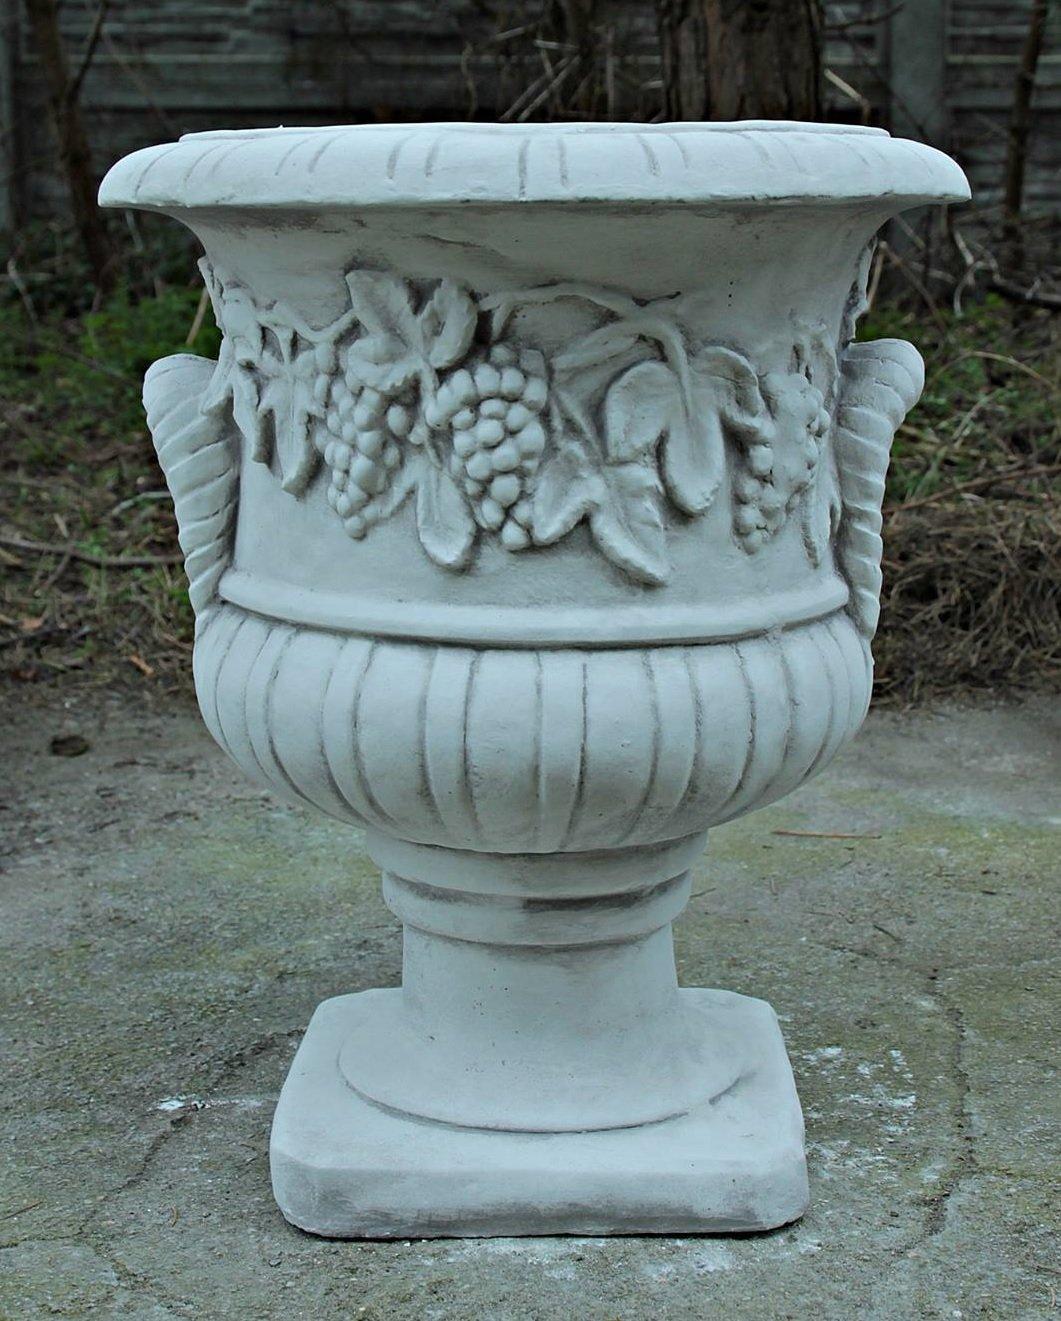 Pflanzschale Weintrauben / weiß mit Schattierungen (B63), Pflanzgefäß aus Steinguss, Höhe: 49 cm, Gewicht: 35 kg